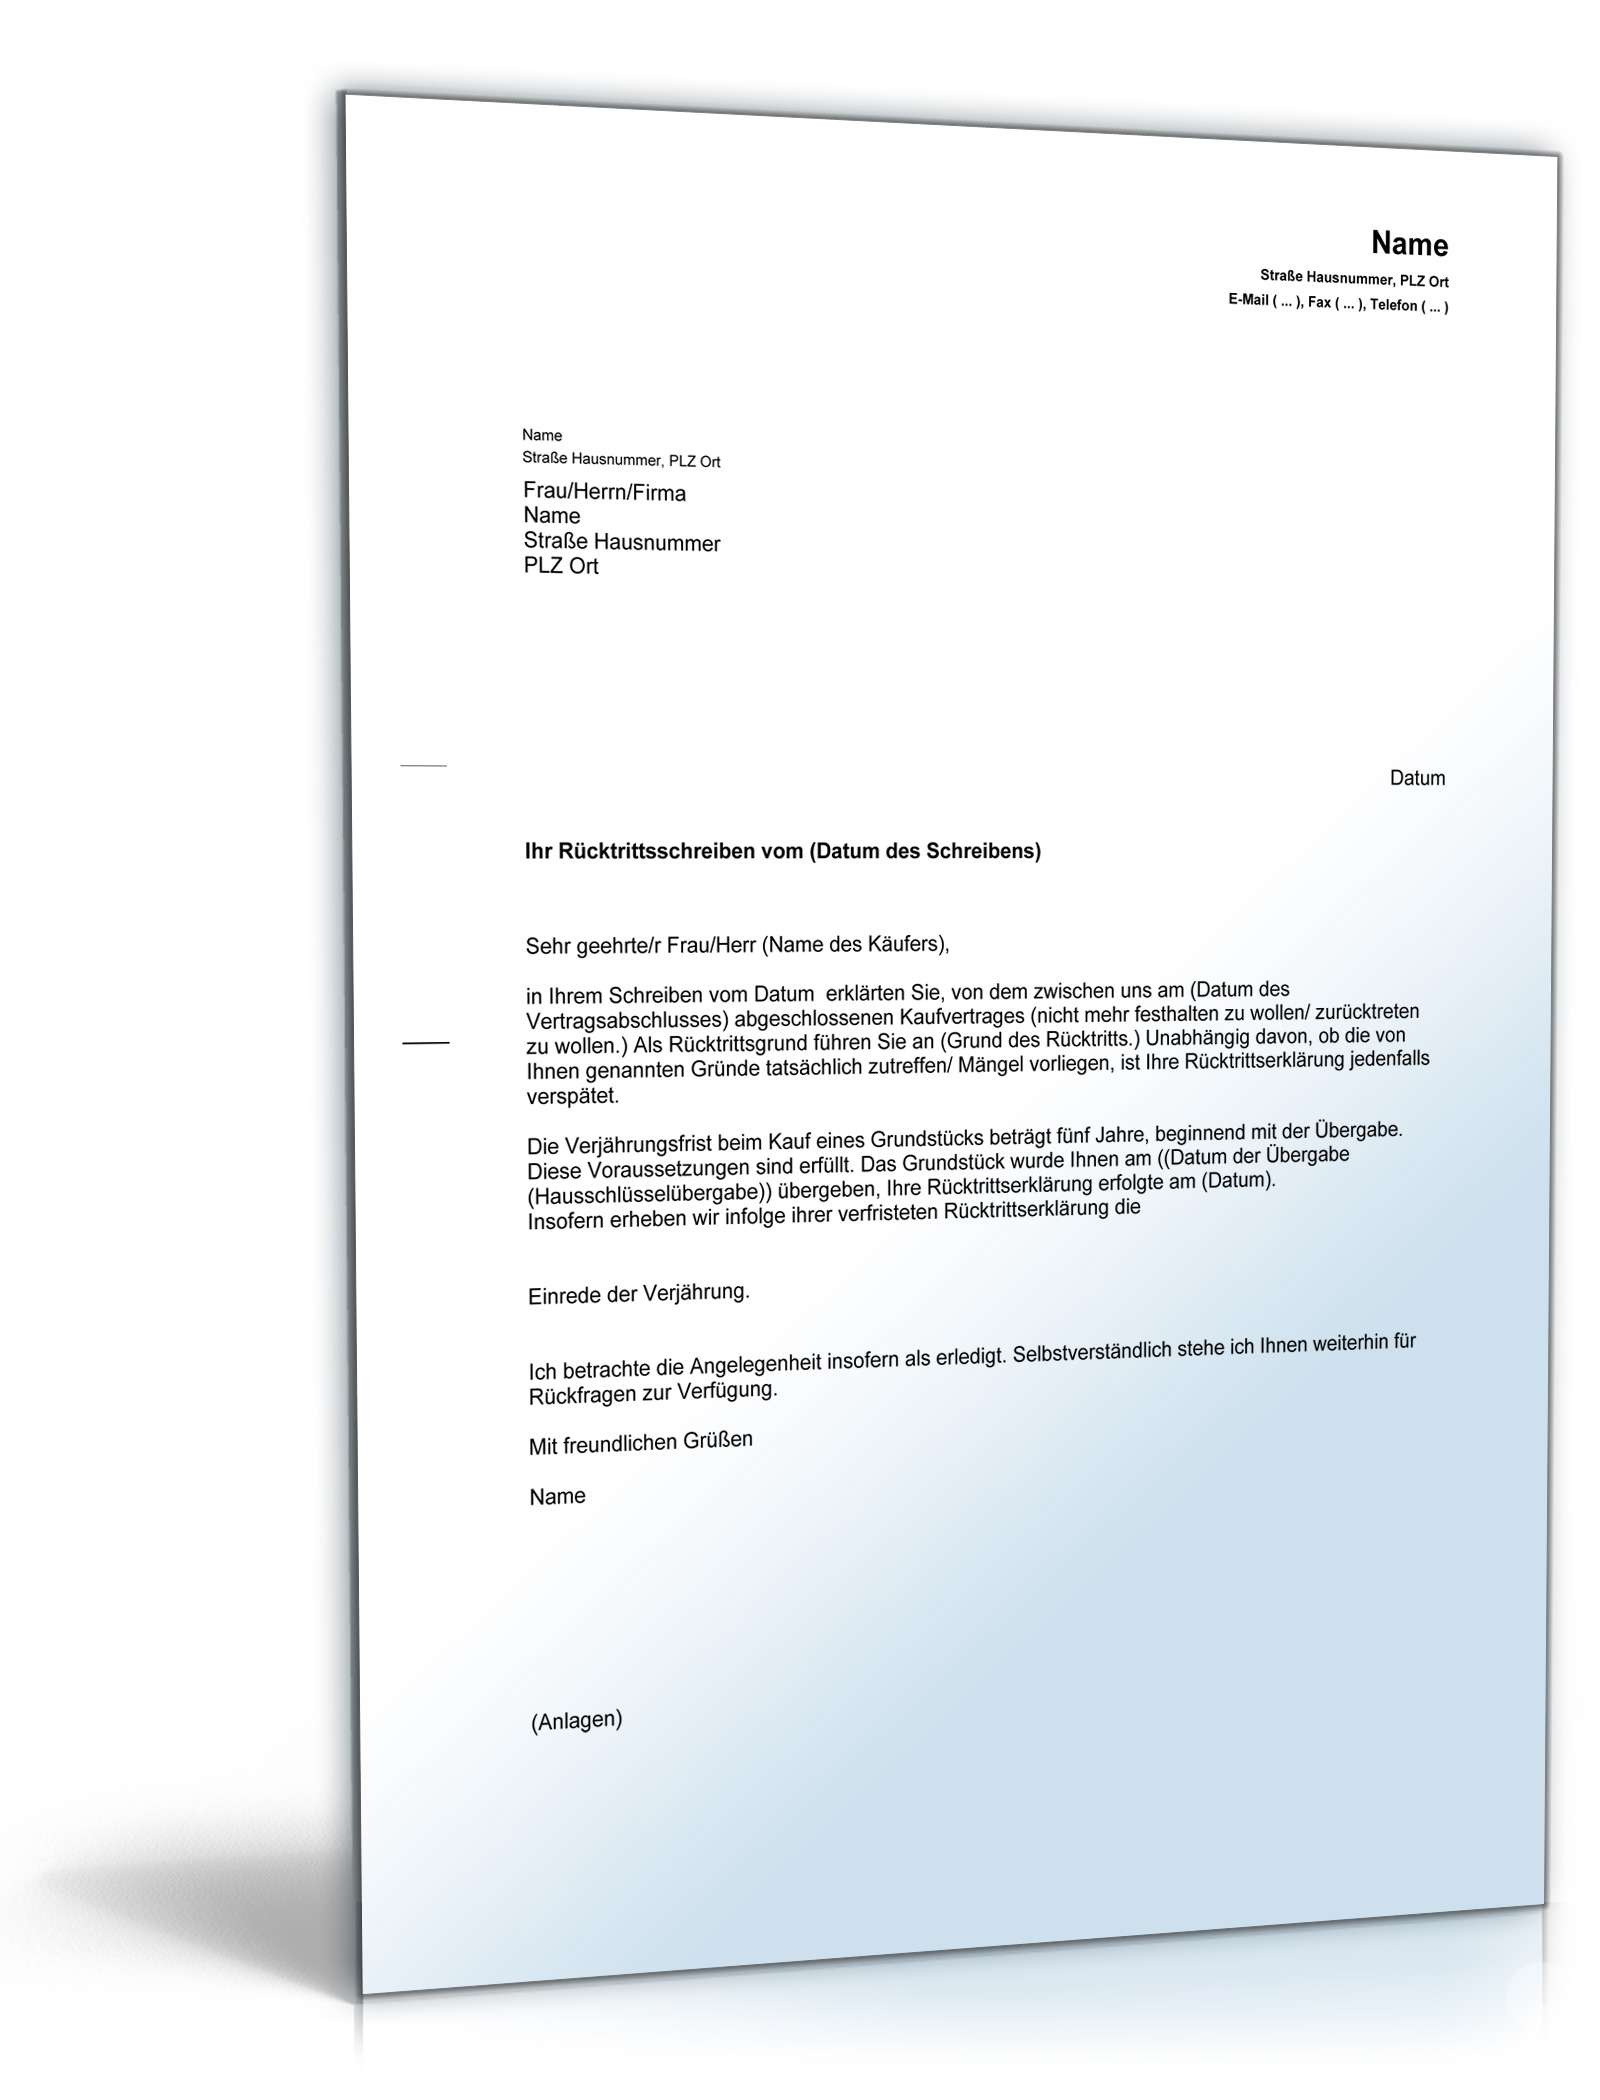 Einrede der Verjährung (Grundstückskauf) - Muster-Vorlage zum Download